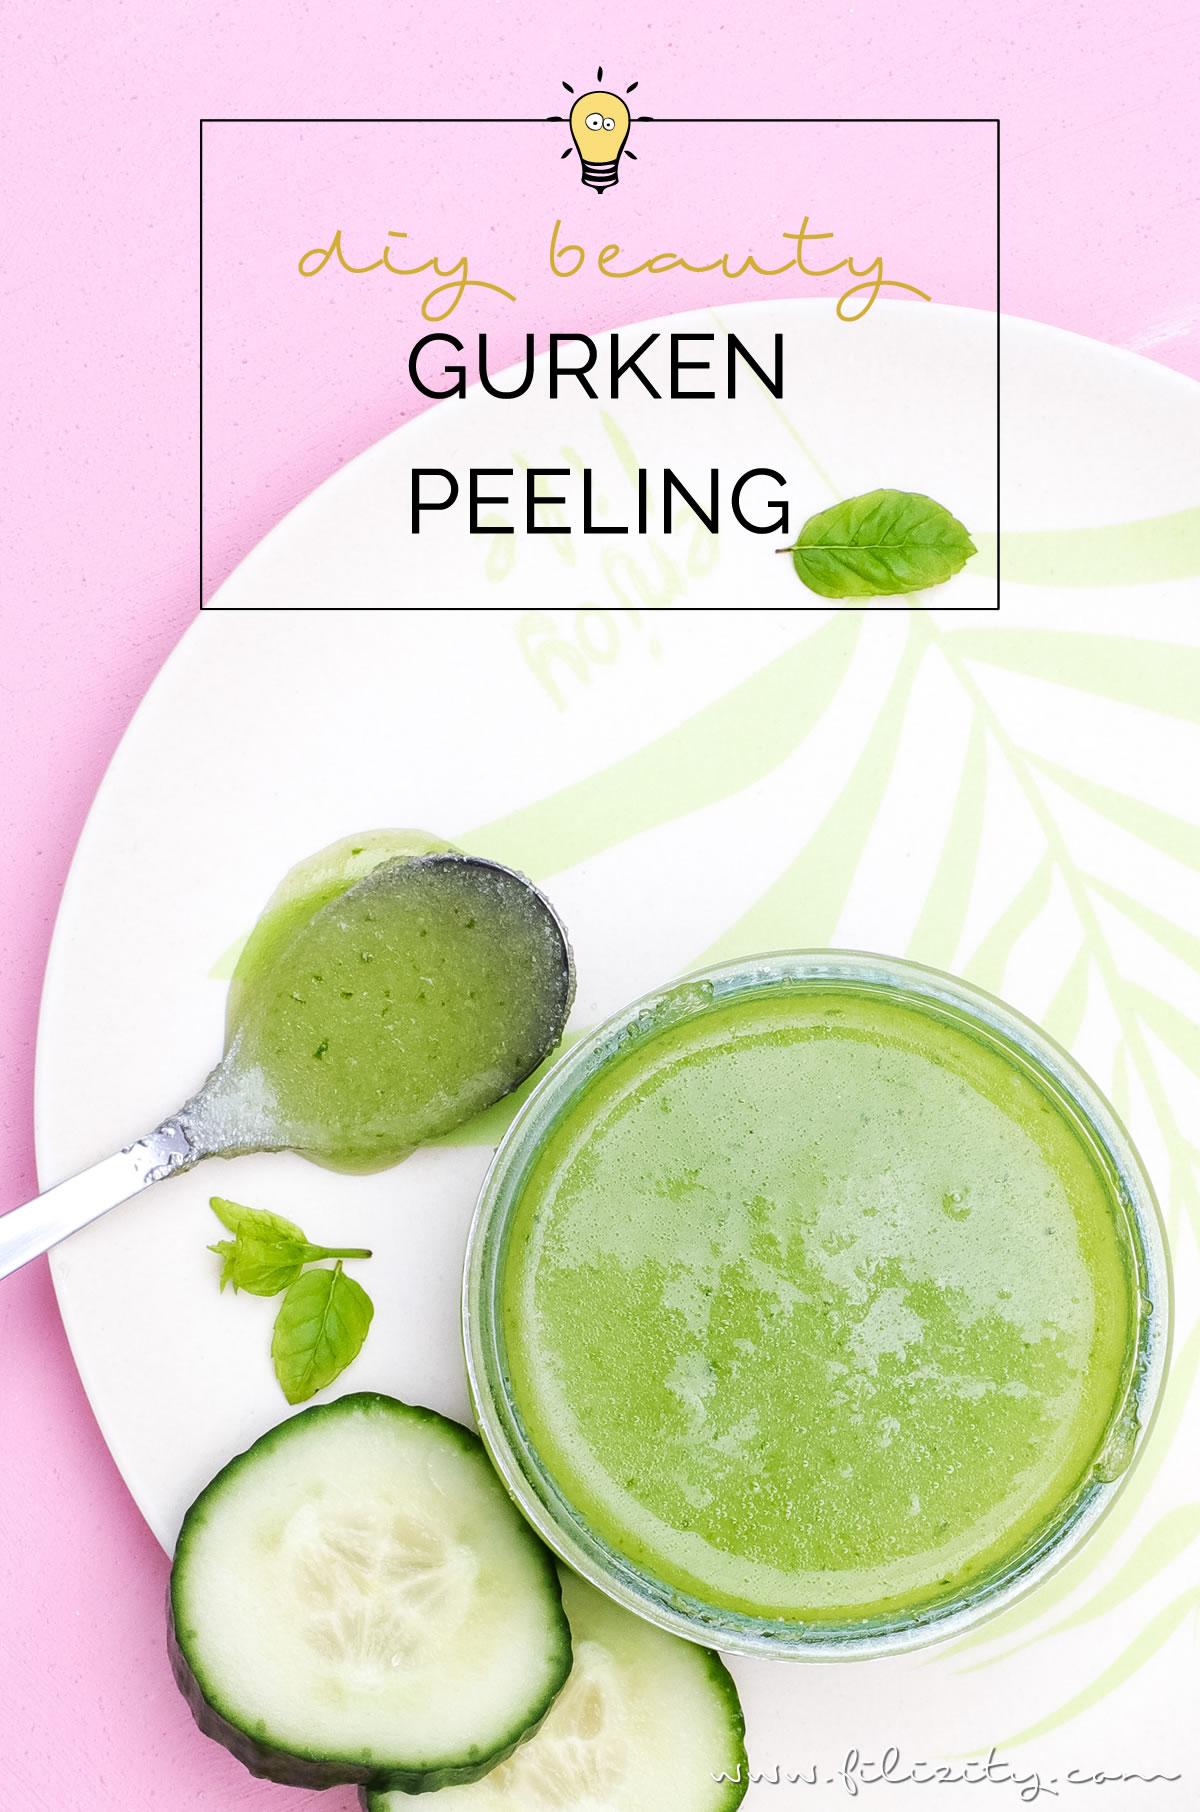 DIY Gurken-Peeling selber machen - Natürliche Hautpflege selber anmischen | Filizity.com | Beauty- & DIY-Blog aus dem Rheinland